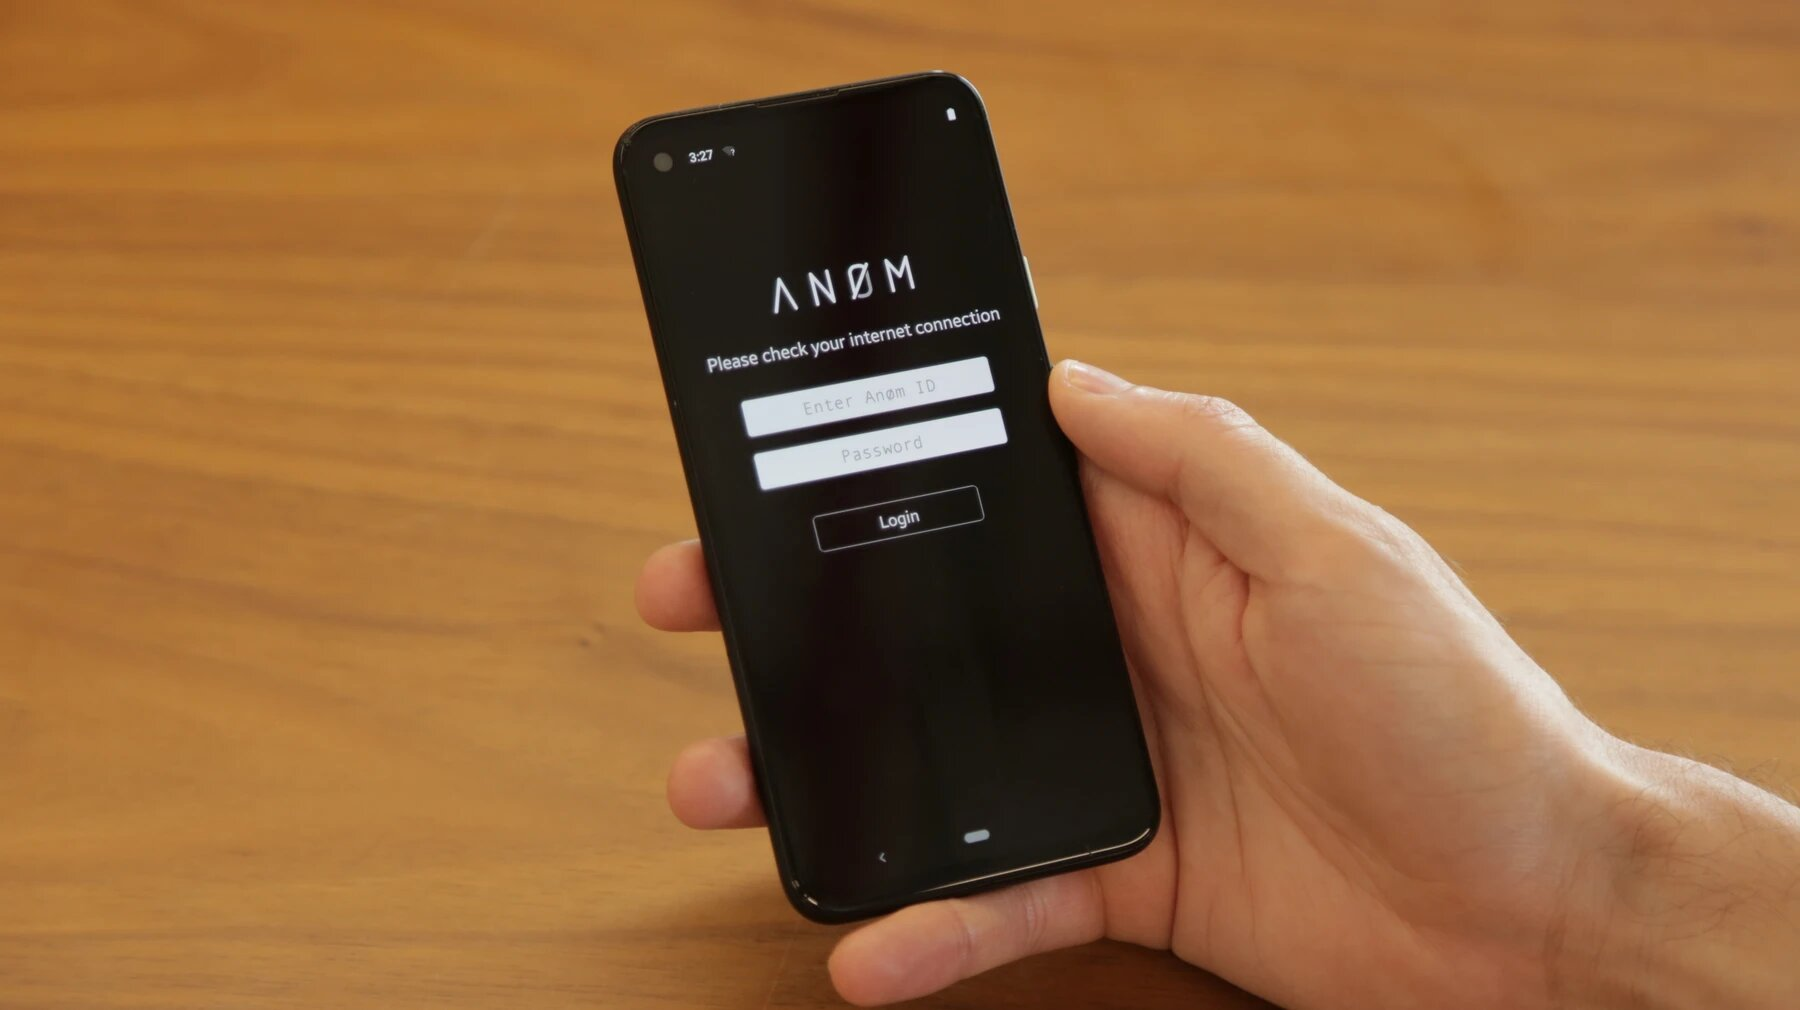 Le FBI a vendu un smartphone Android modifié à des escrocs, impressionnant à quel point ils ont été loin dans sa personnalisation